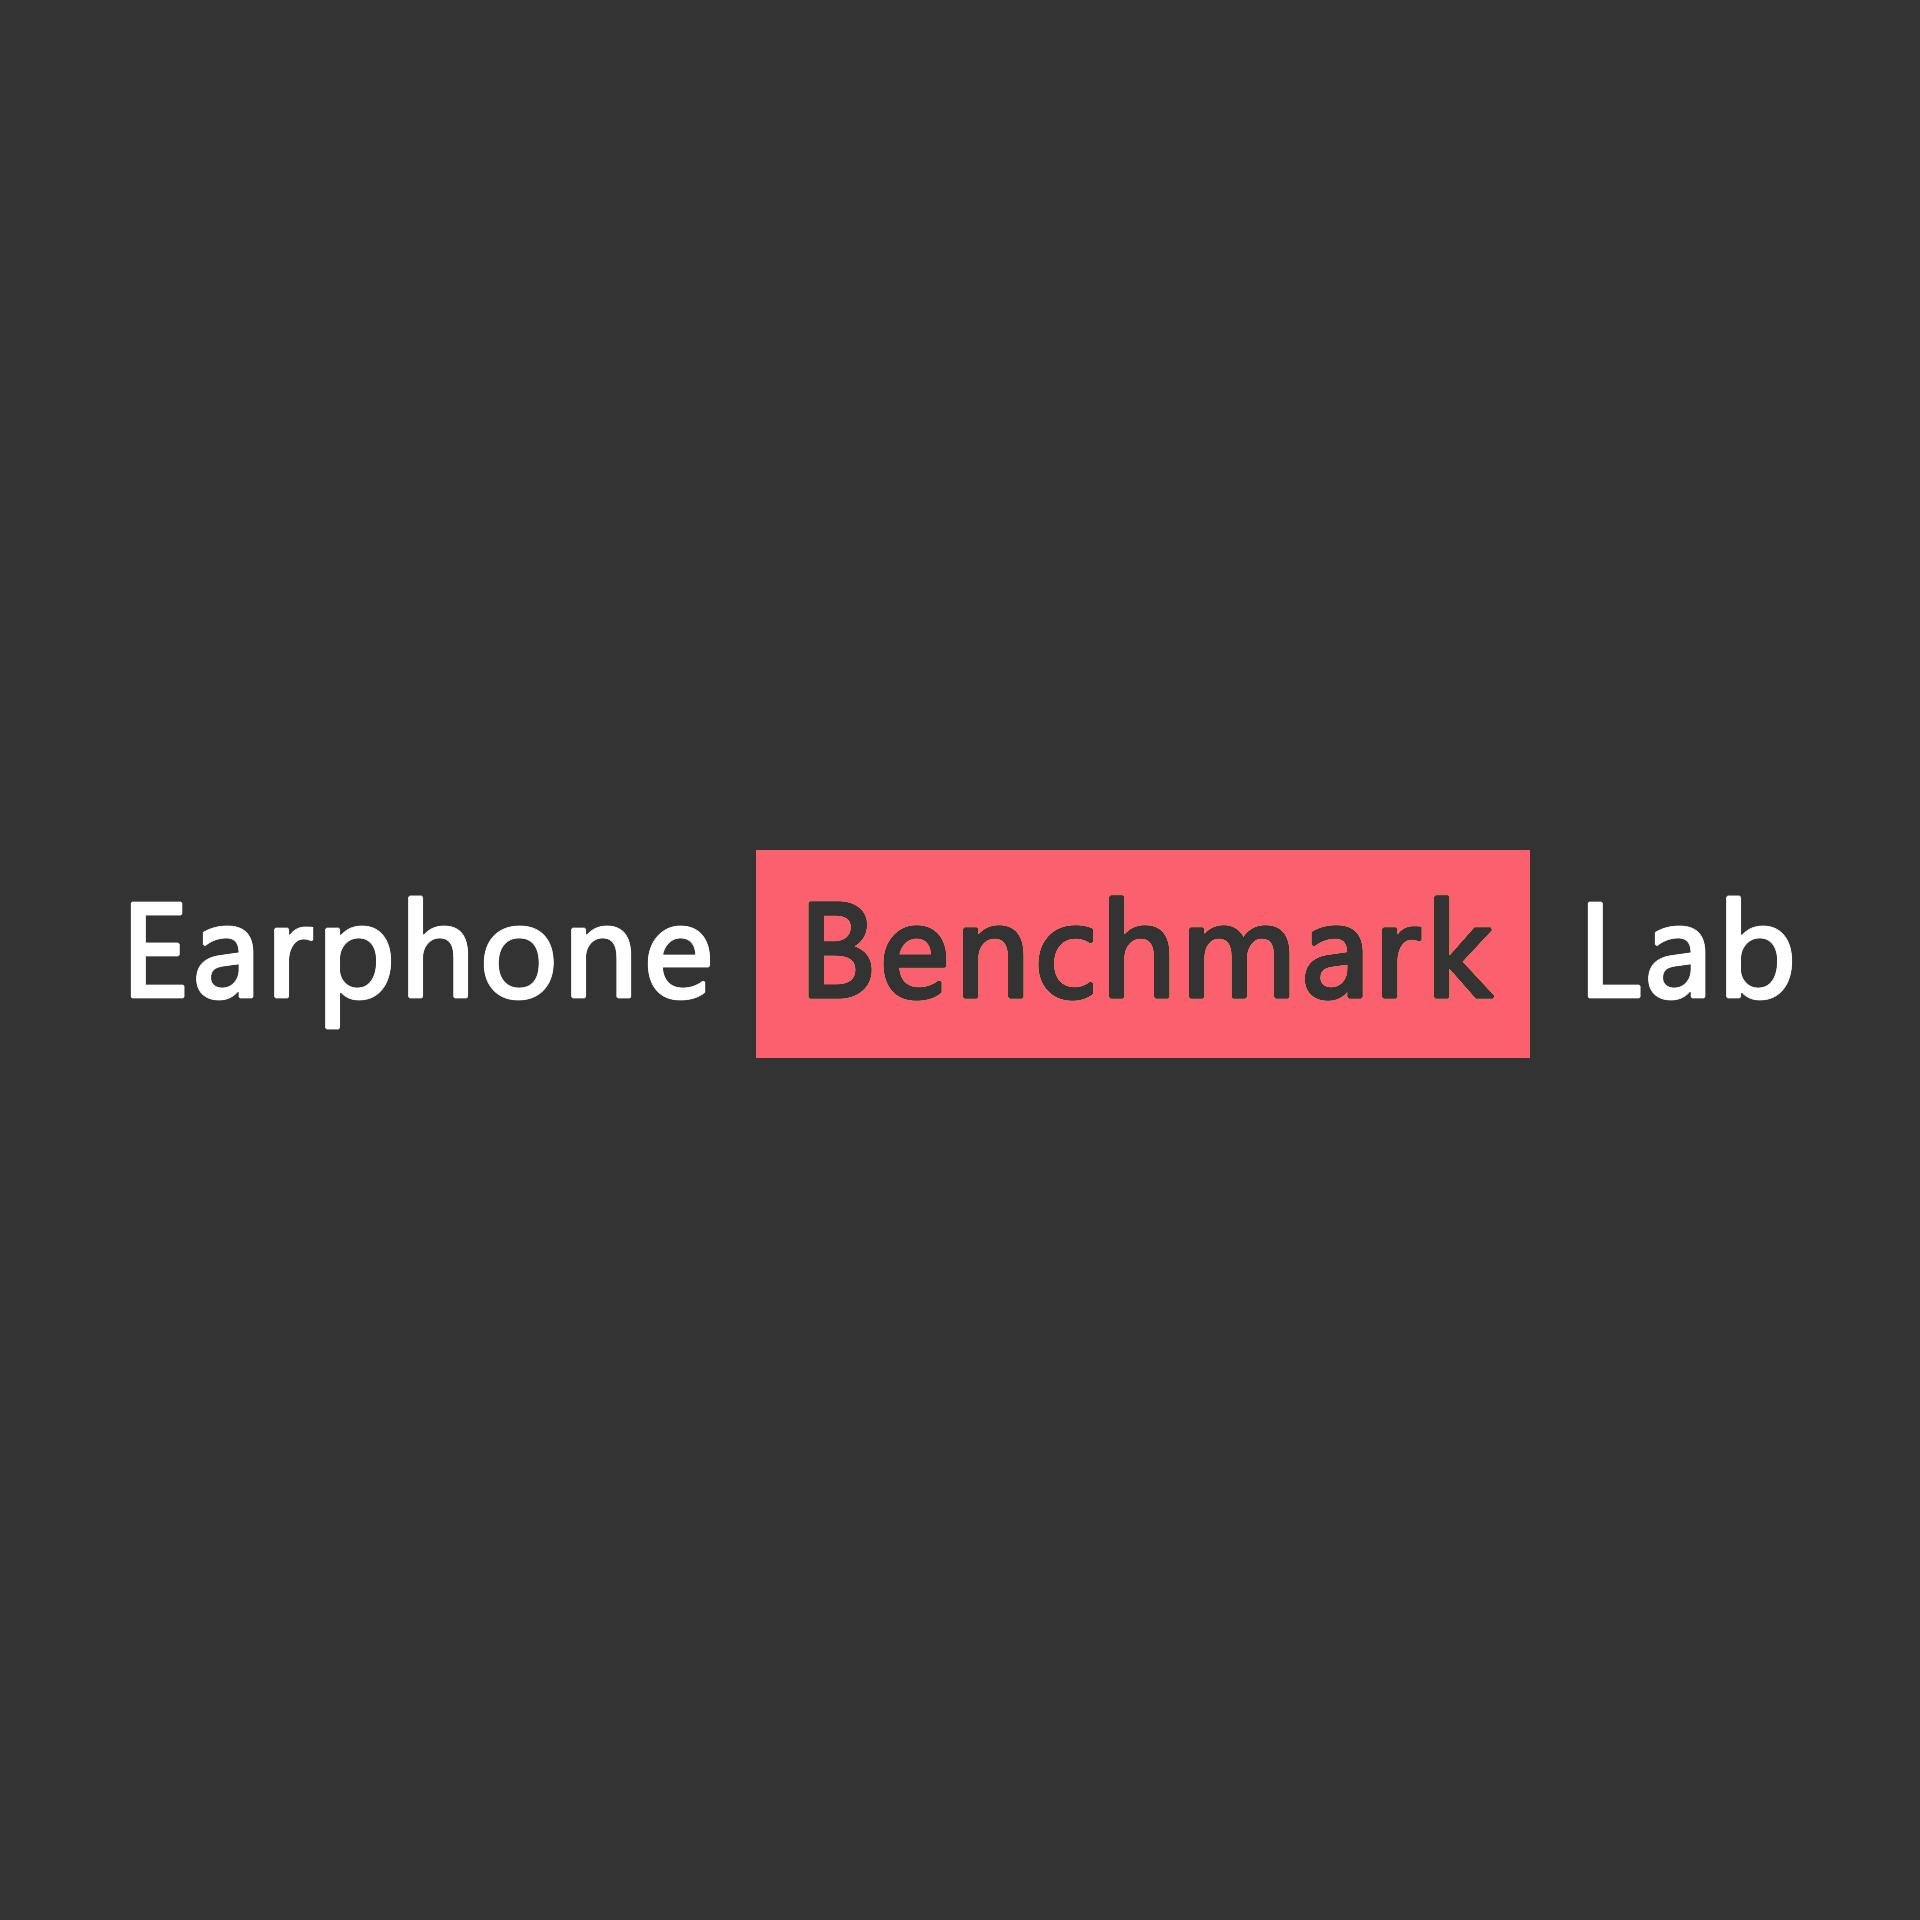 史上最高音质的耳机,现已只需20元 | 耳机评分实验室